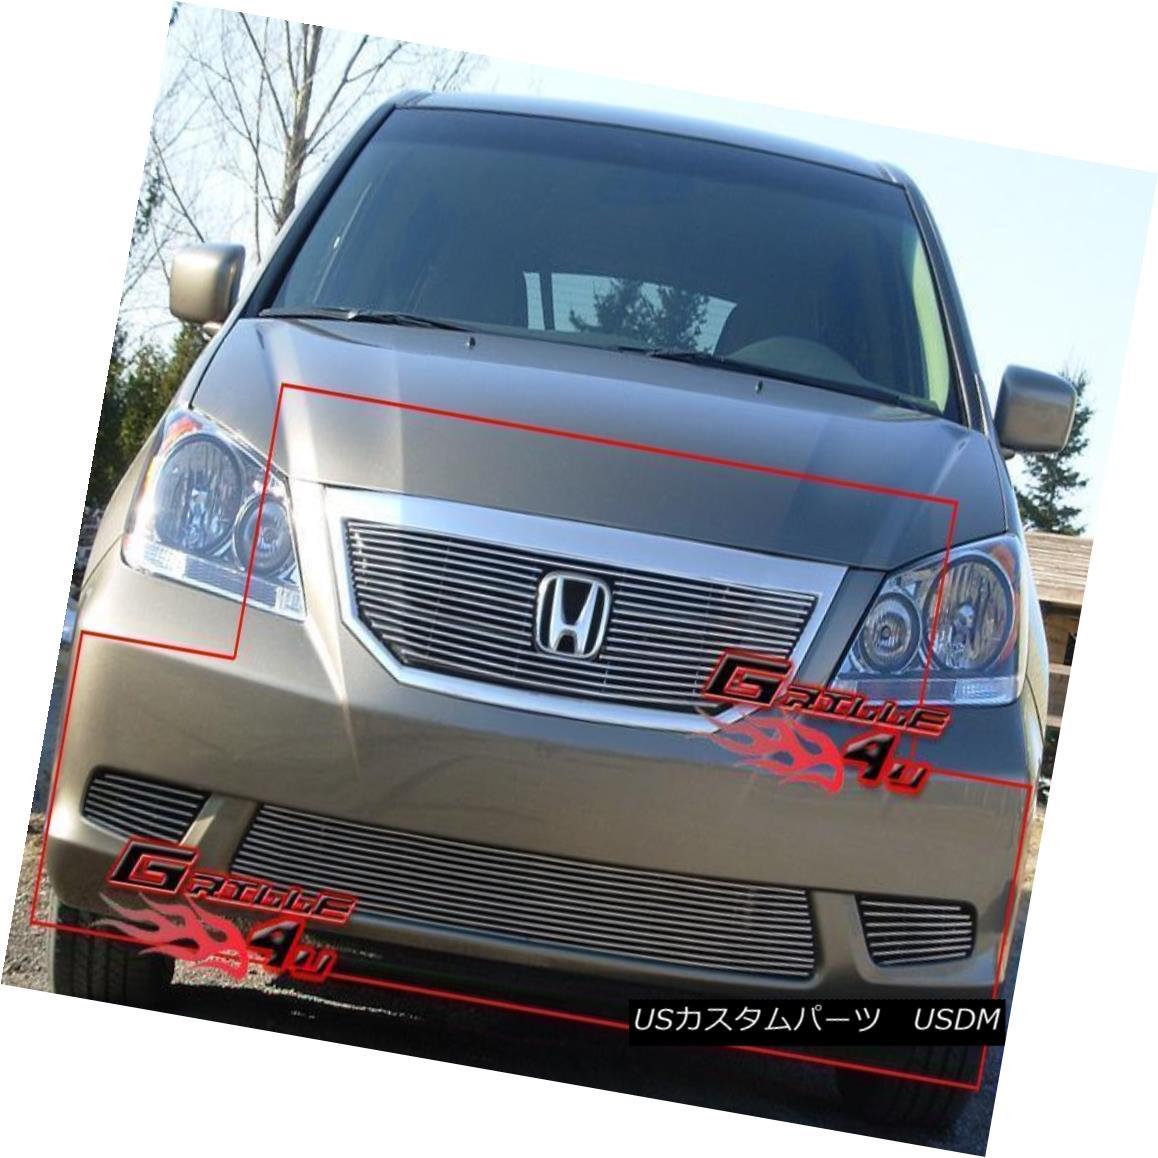 グリル Fits 2008-2010 Honda Odyssey Billet Grille Combo フィット2008-2010ホンダオデッセイビレットグリルコンボ